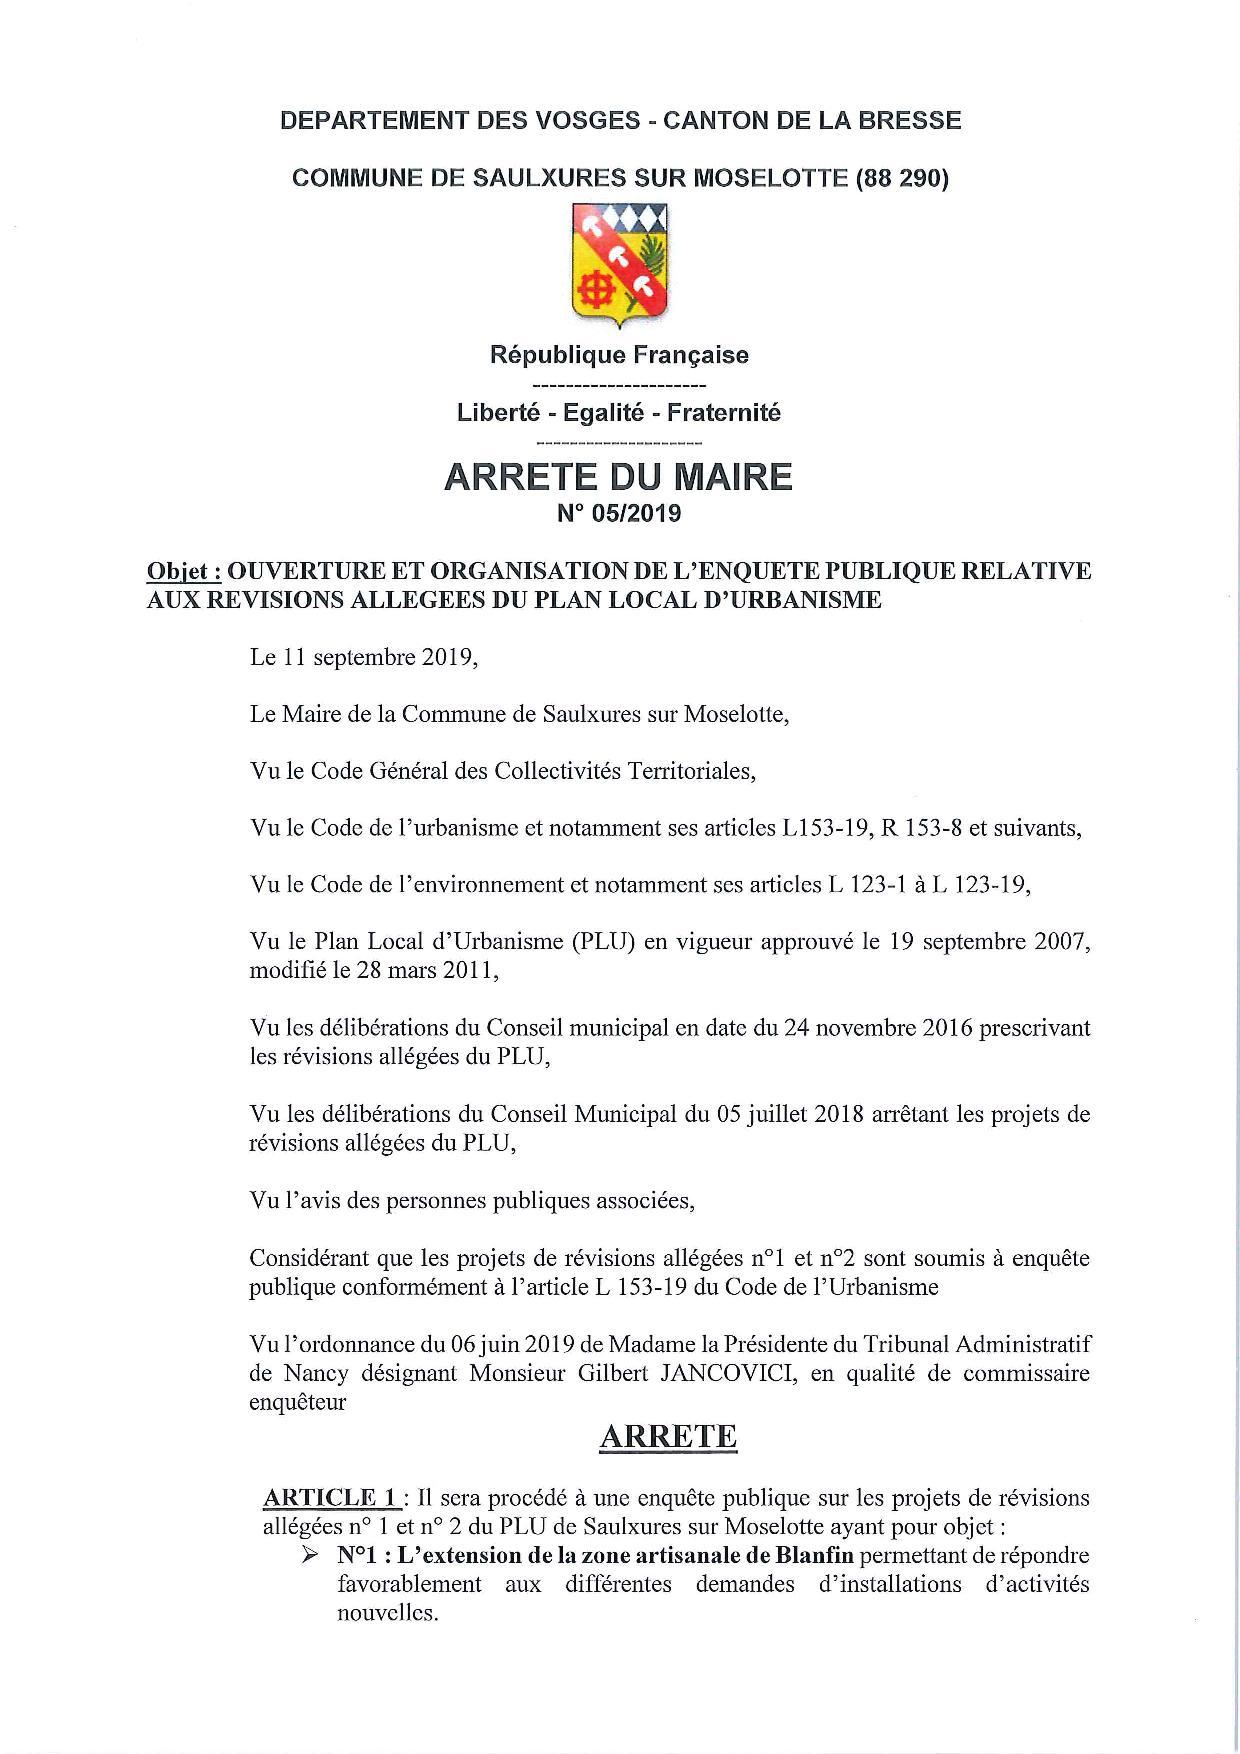 ARRETE DU MAIRE N°05 2019 ENQUETE PUBLIQUE REVISIONS ALLEGEES PLU SAULXURES